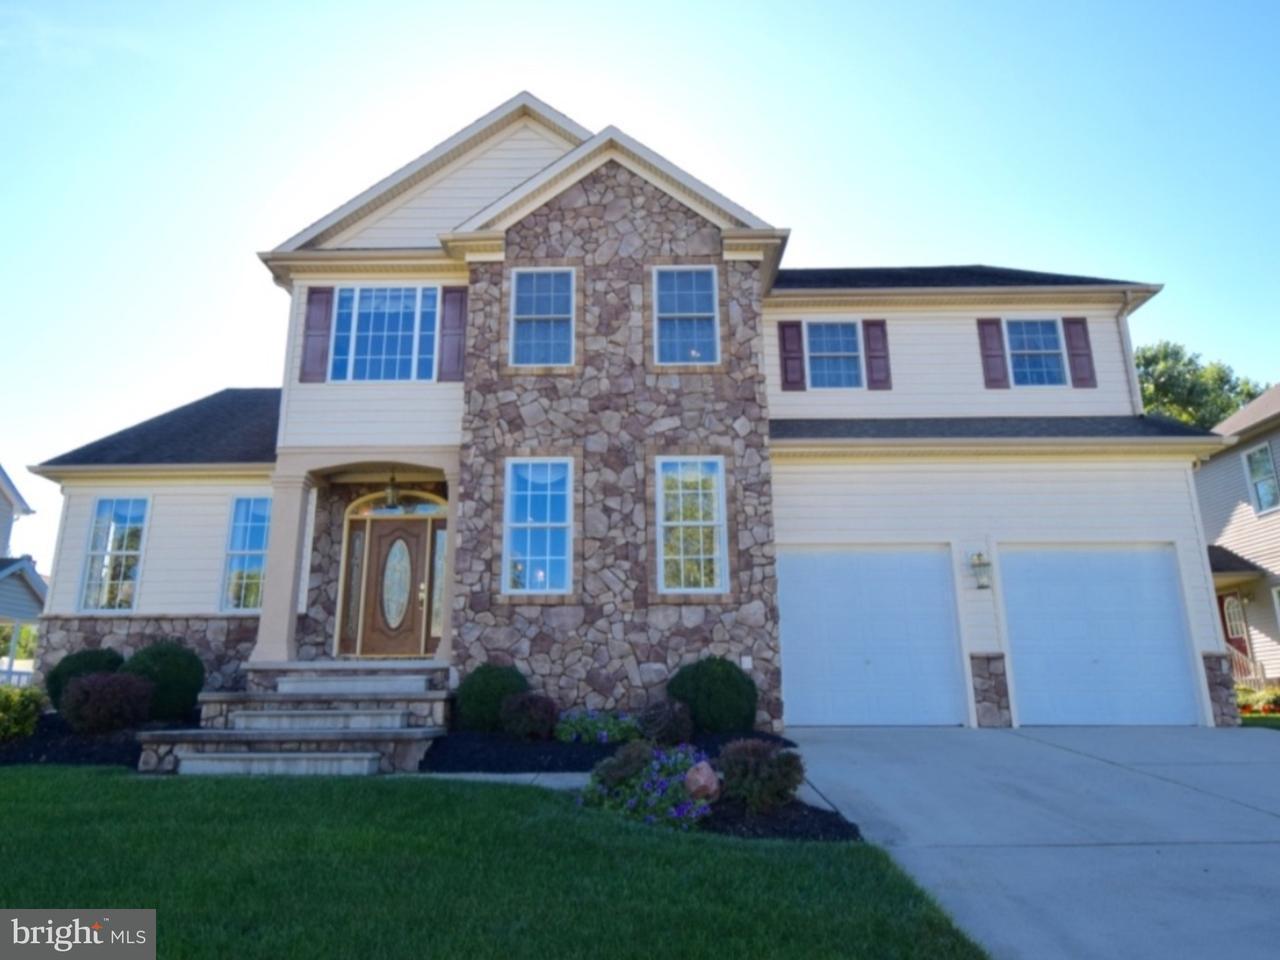 独户住宅 为 销售 在 7 SAINT JAMES Court Gloucester, 新泽西州 08012 美国